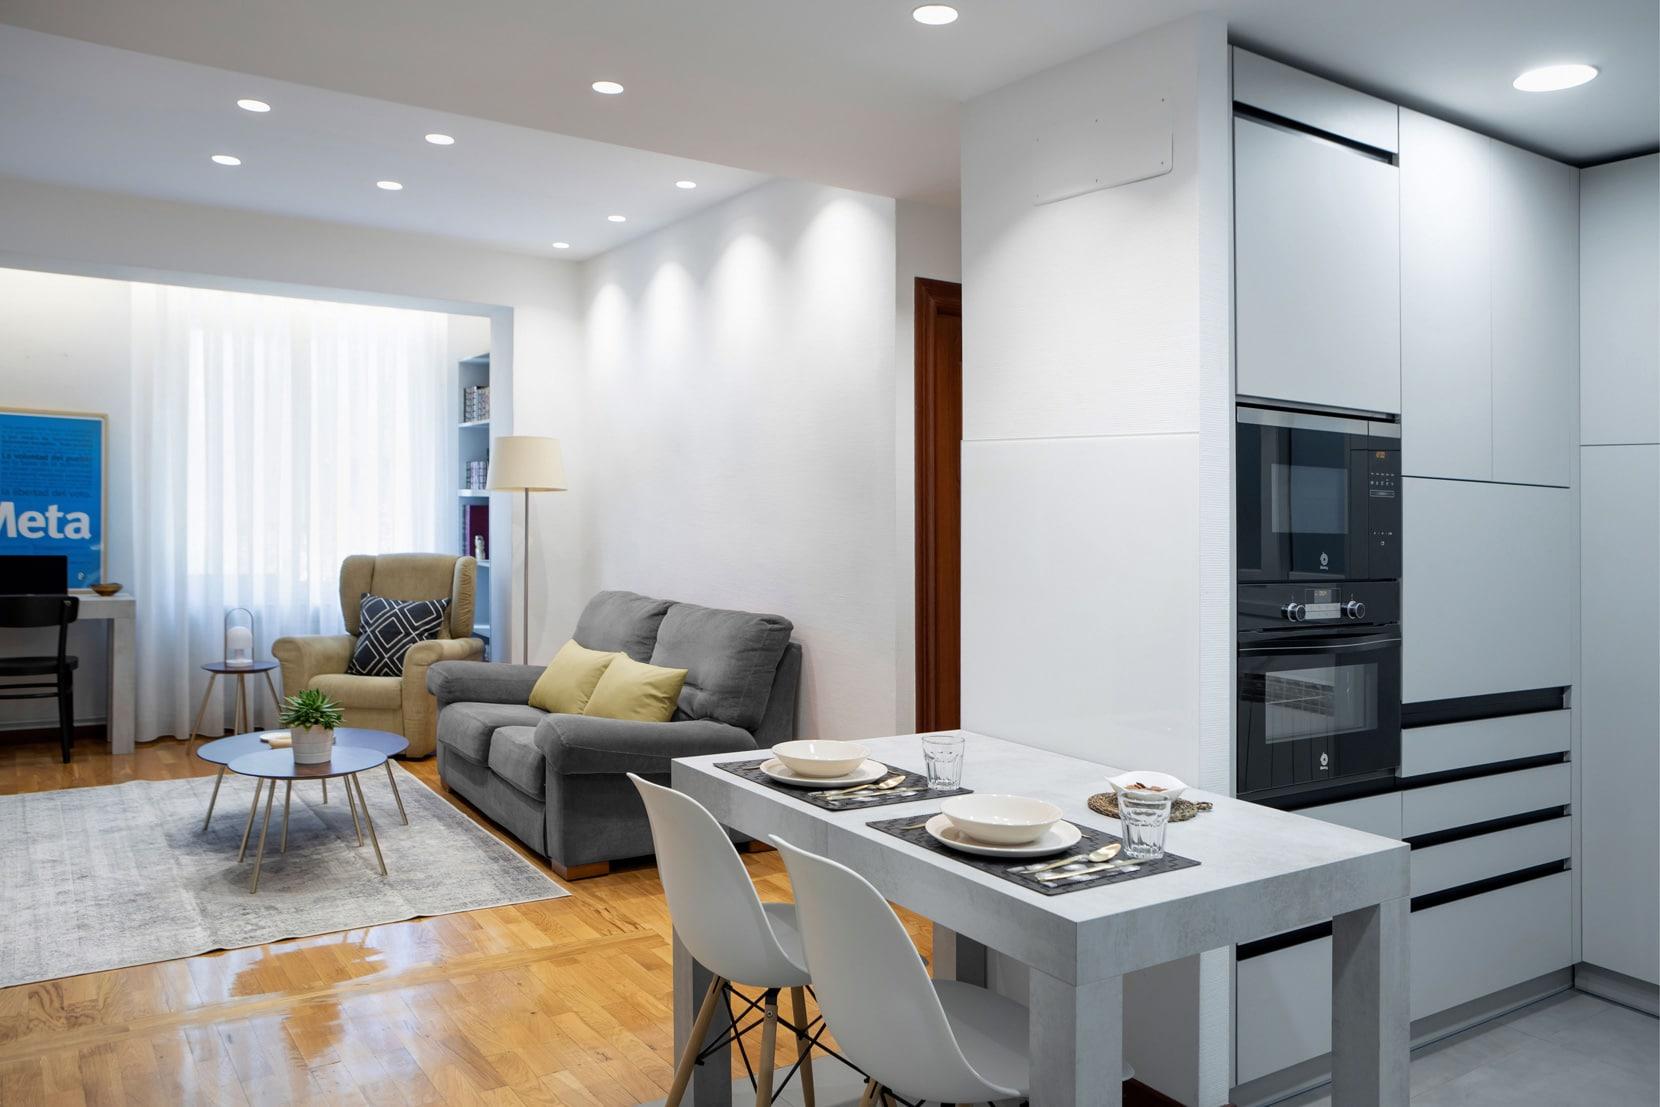 salon-cocina-diseno-de-interiores-reforma-vivienda-estudio-marlo-1